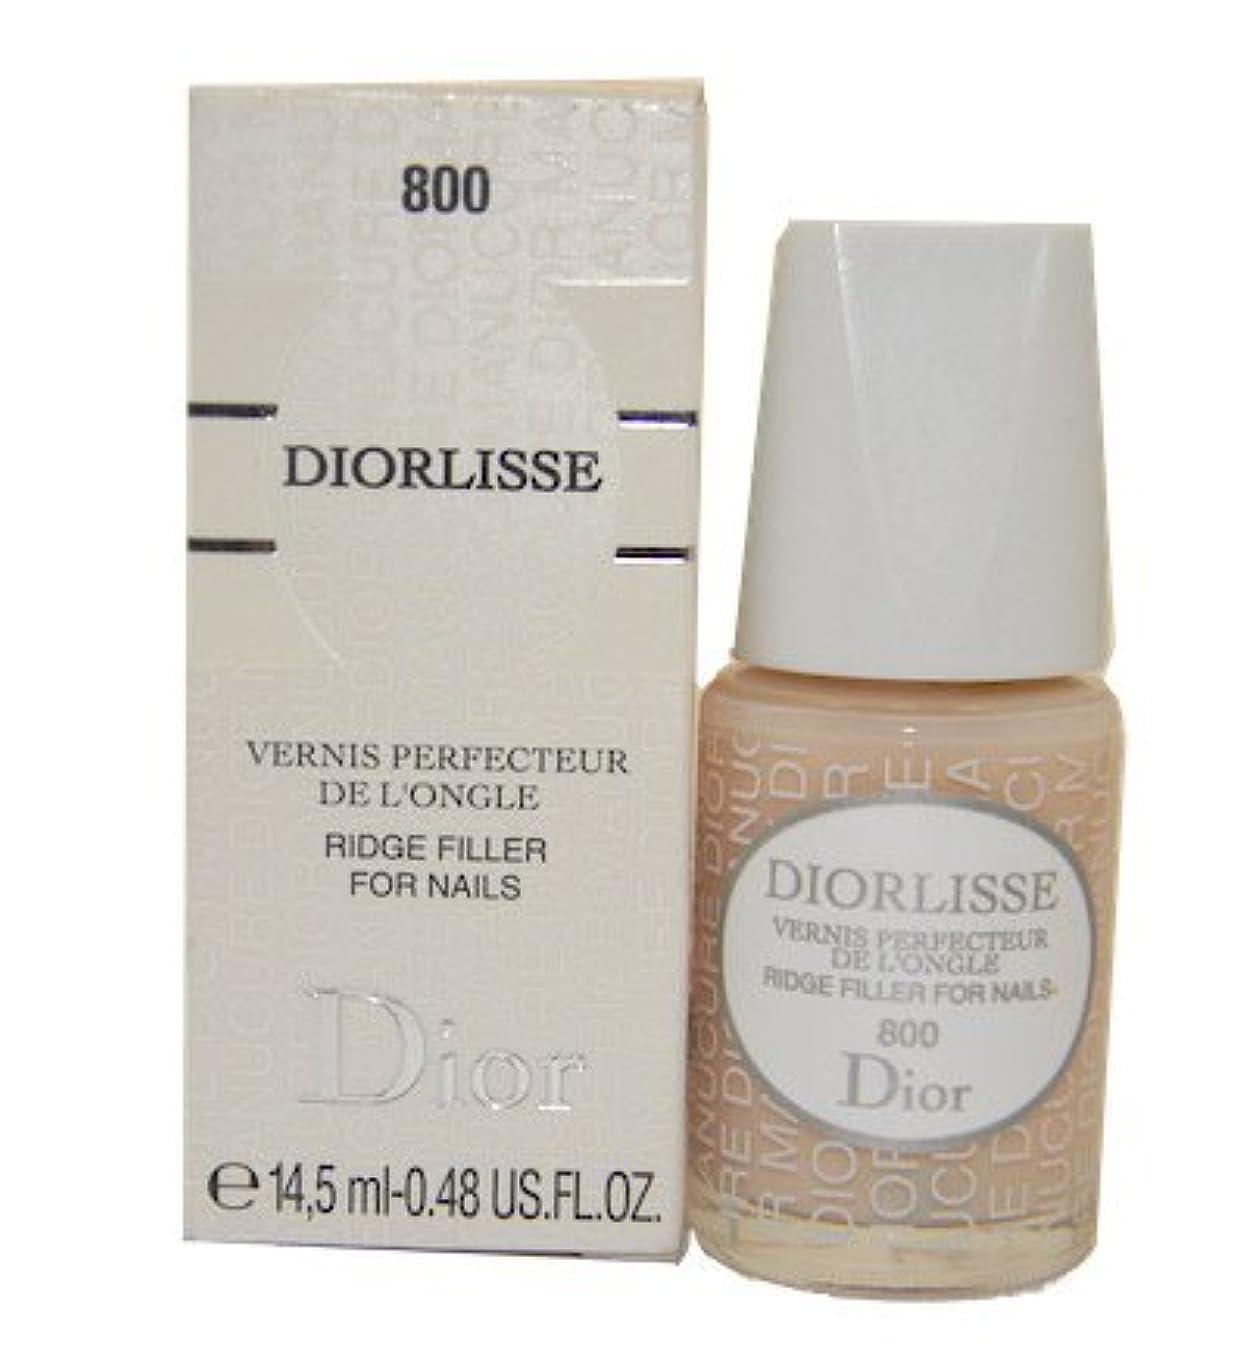 ストライププロトタイプ惨めなDior Diorlisse Ridge Filler For Nail 800(ディオールリス リッジフィラー フォーネイル 800)[海外直送品] [並行輸入品]